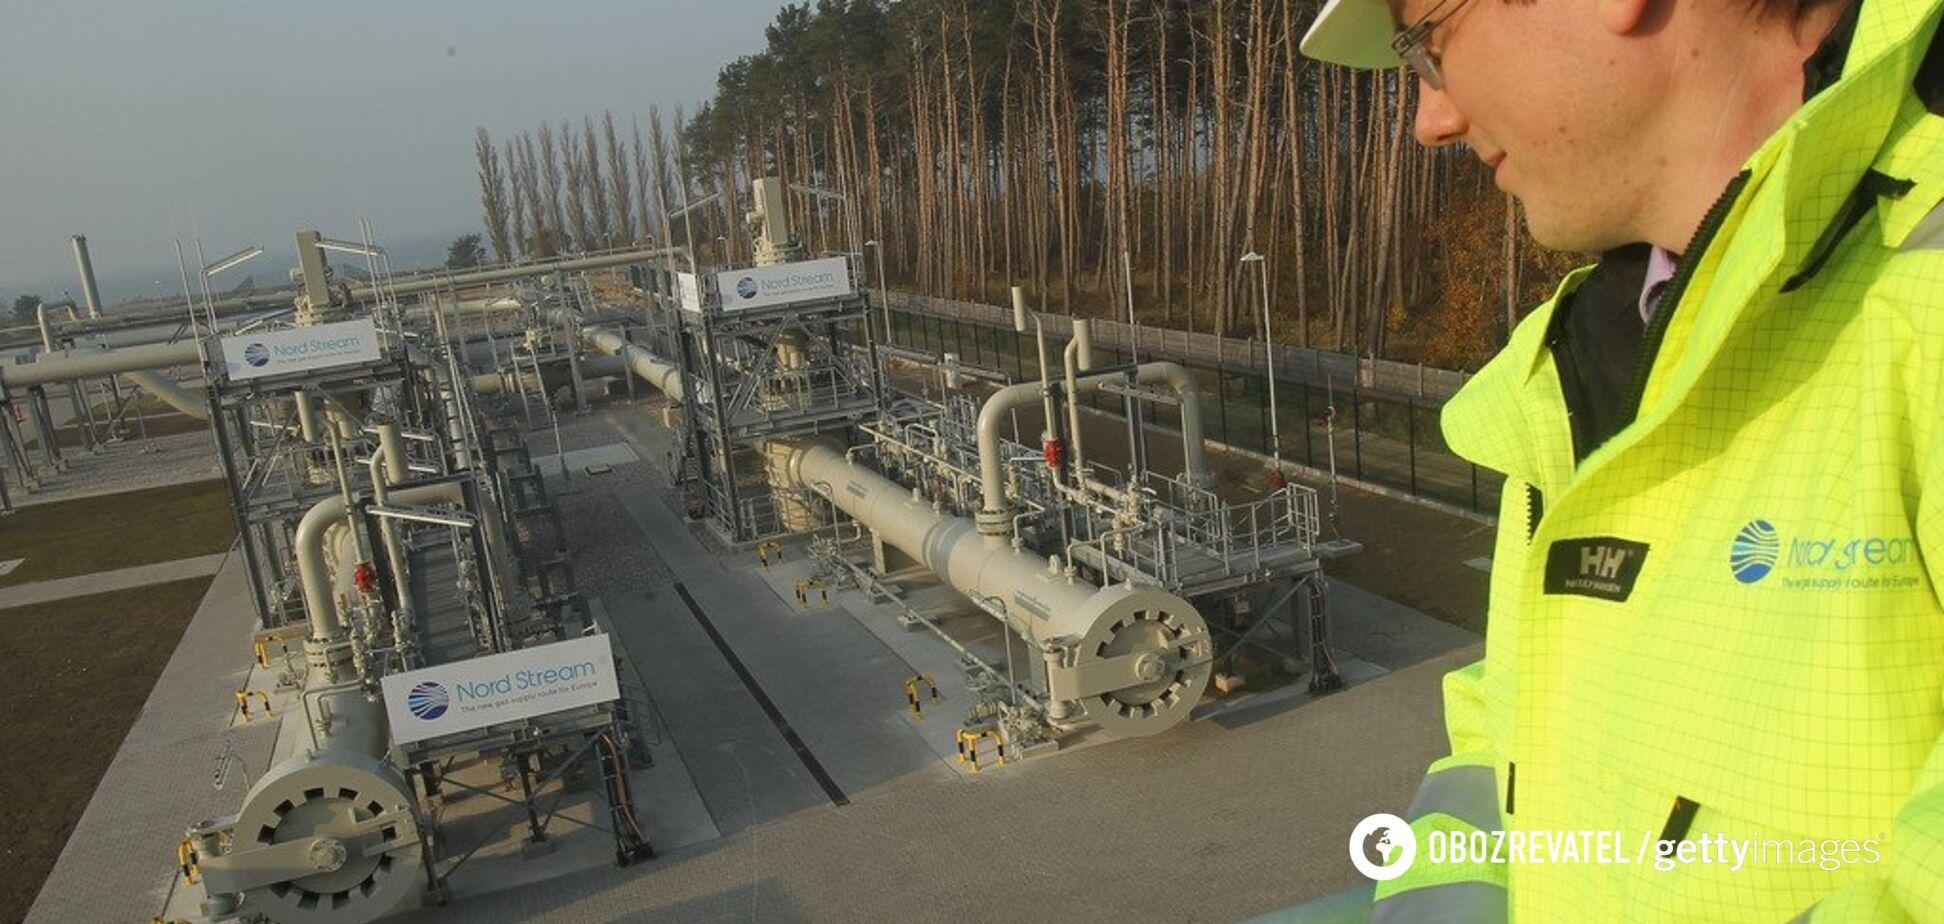 Одна из стран ЕС резко сократила импорт газа из России: что произошло